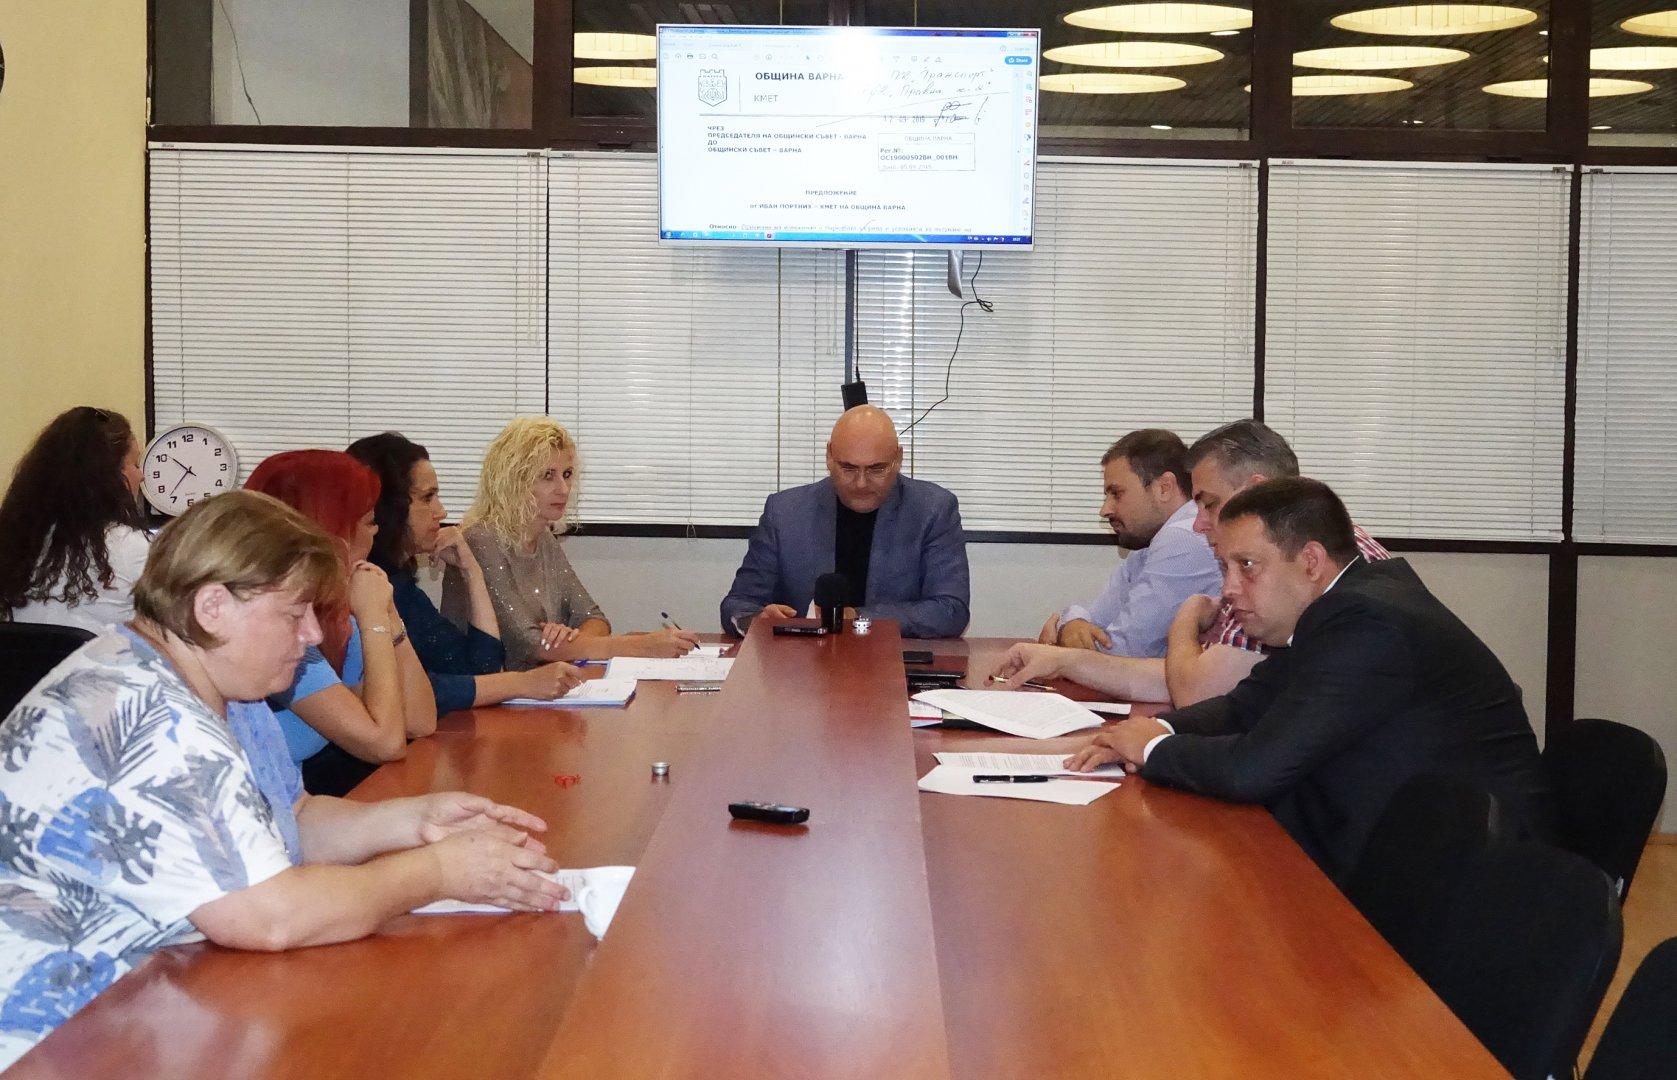 Съветниците одобриха докладната записка, която ще бъде гледана на сесия на местния парламент. Снимка ОбС - Варна